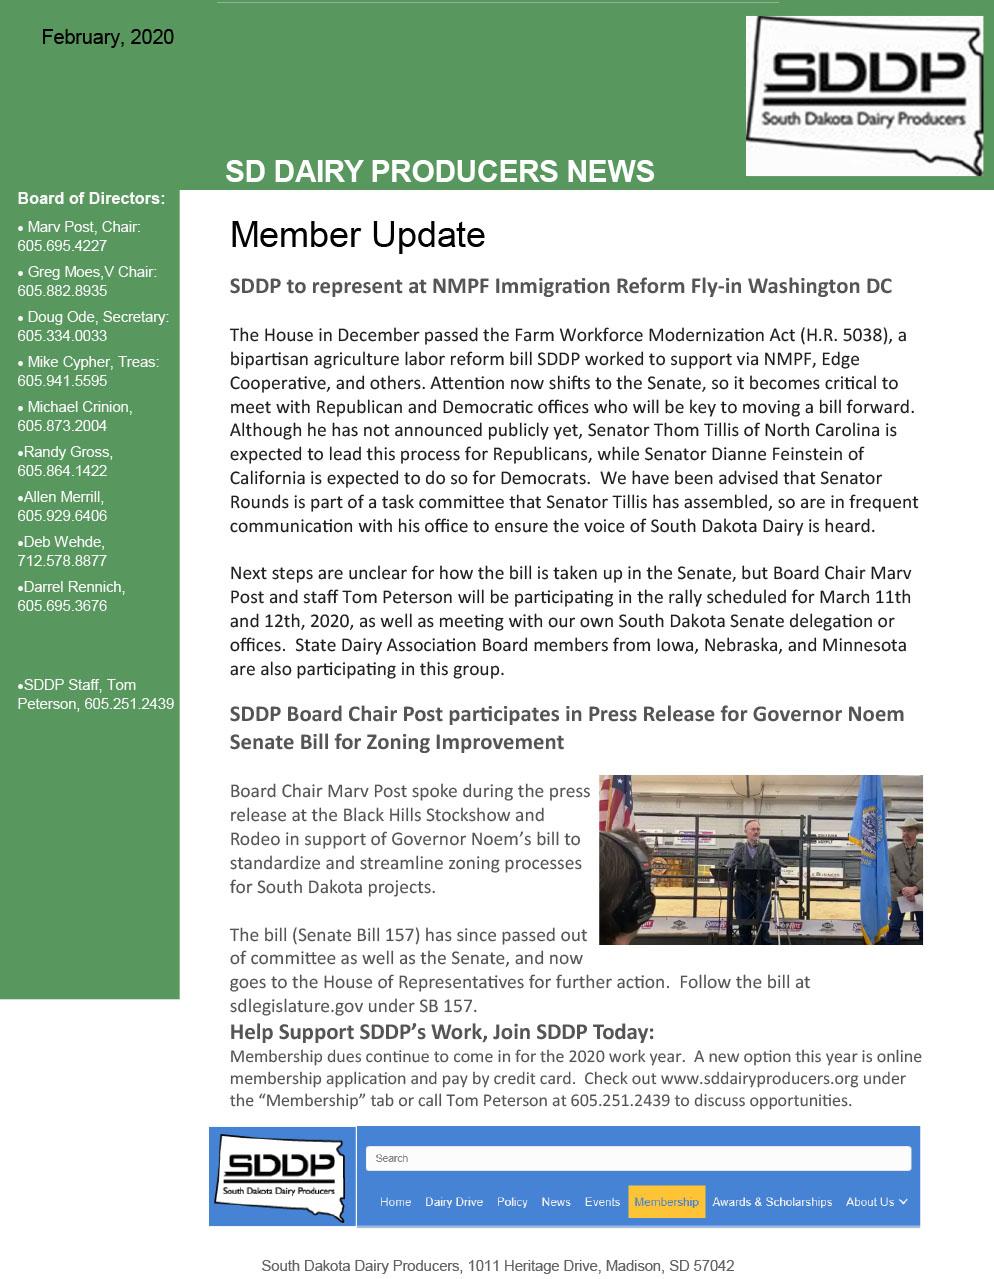 SDDP Member Newsletter February 2020